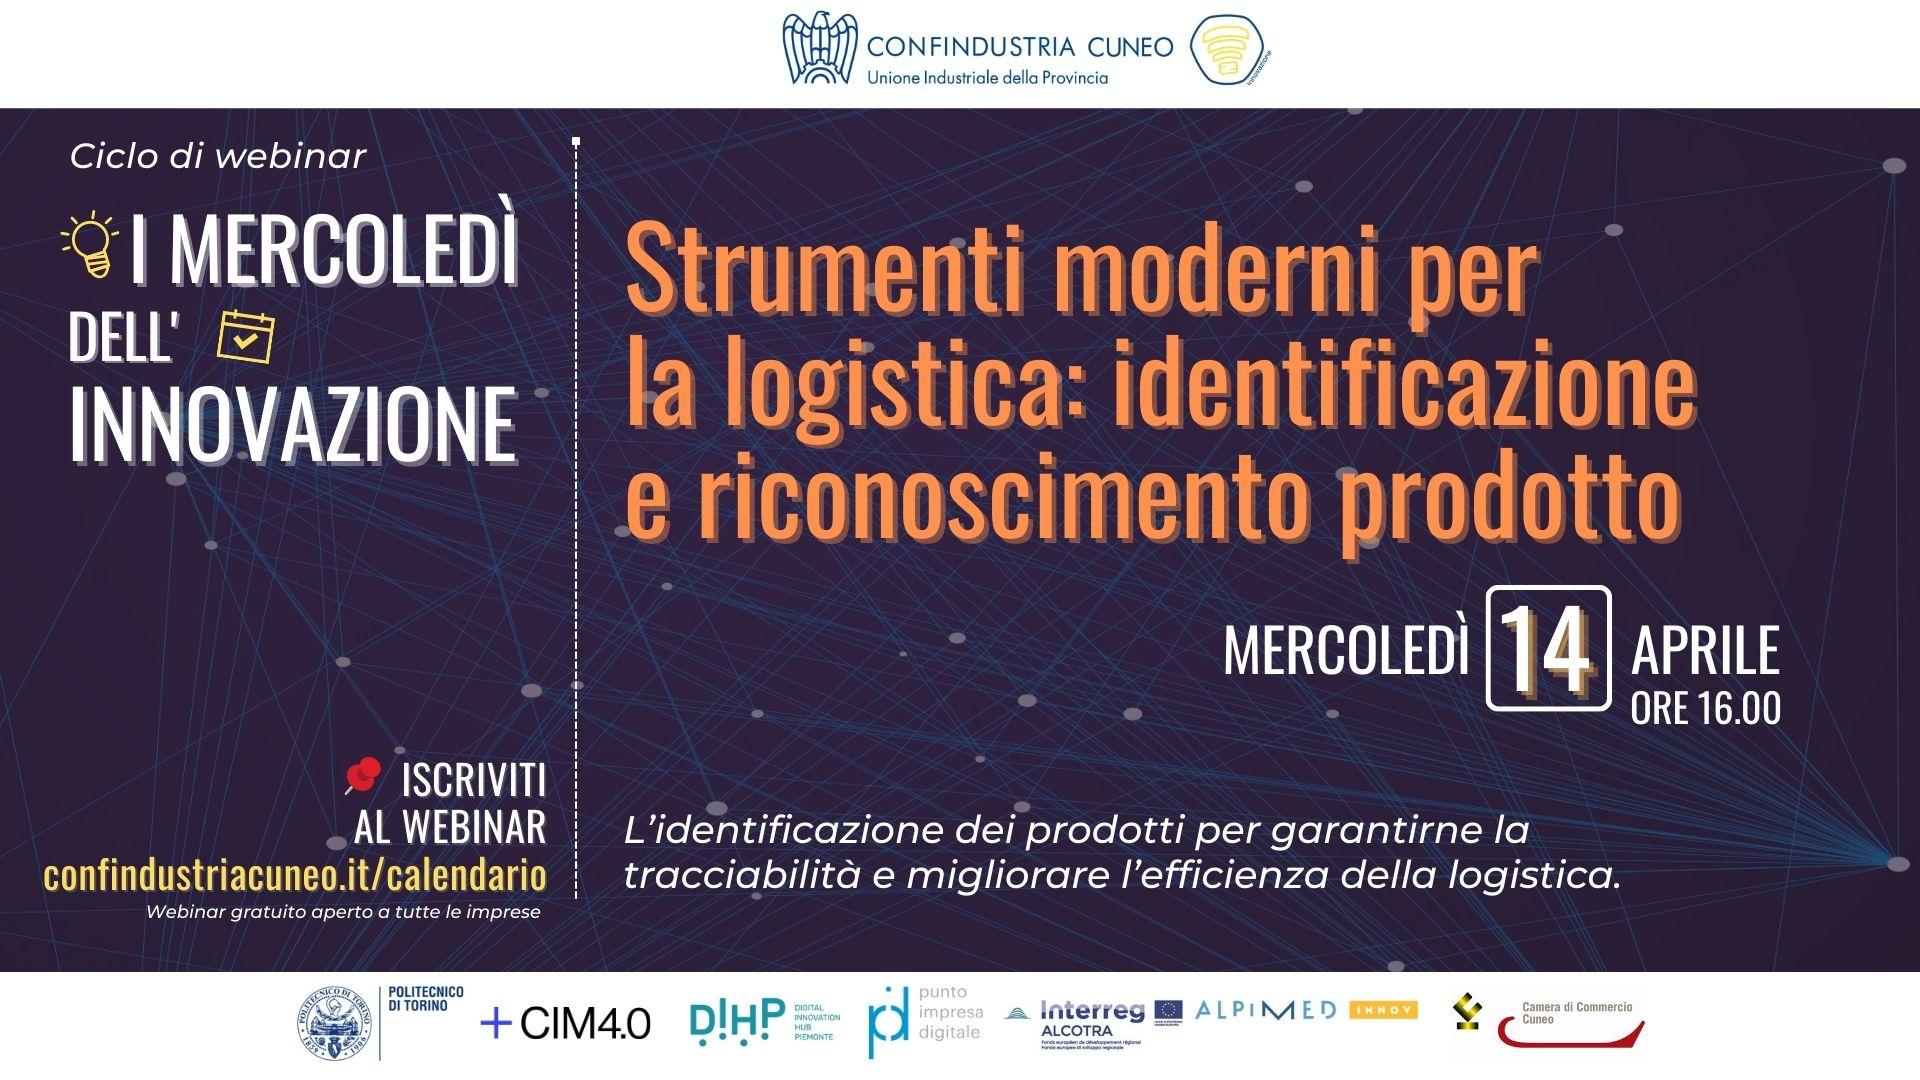 Strumenti moderni per la logistica: identificazione e riconoscimento prodotto